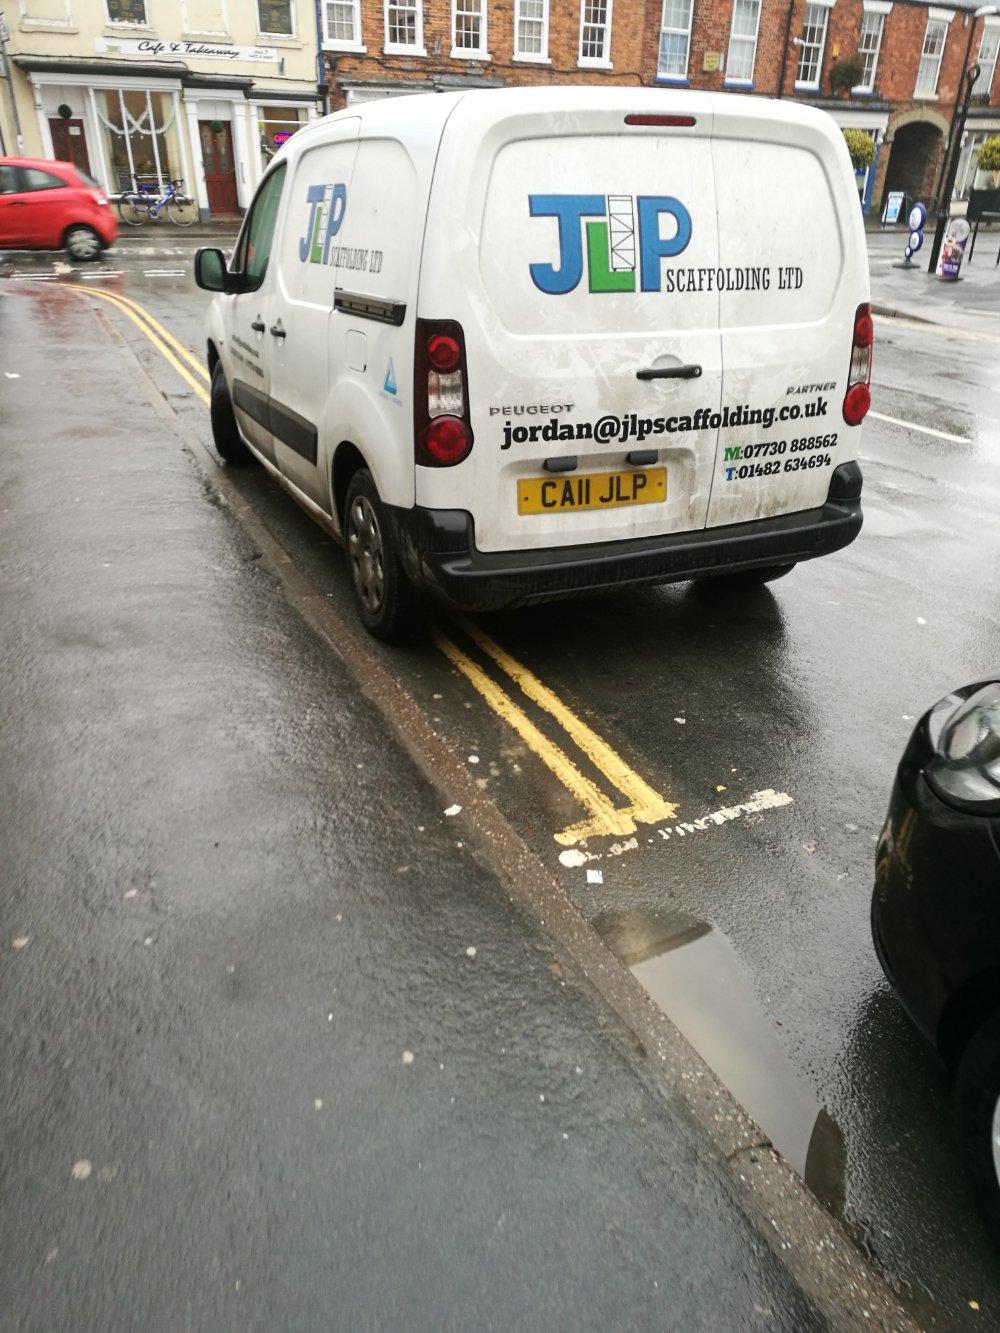 CA11 JLP is a crap parker